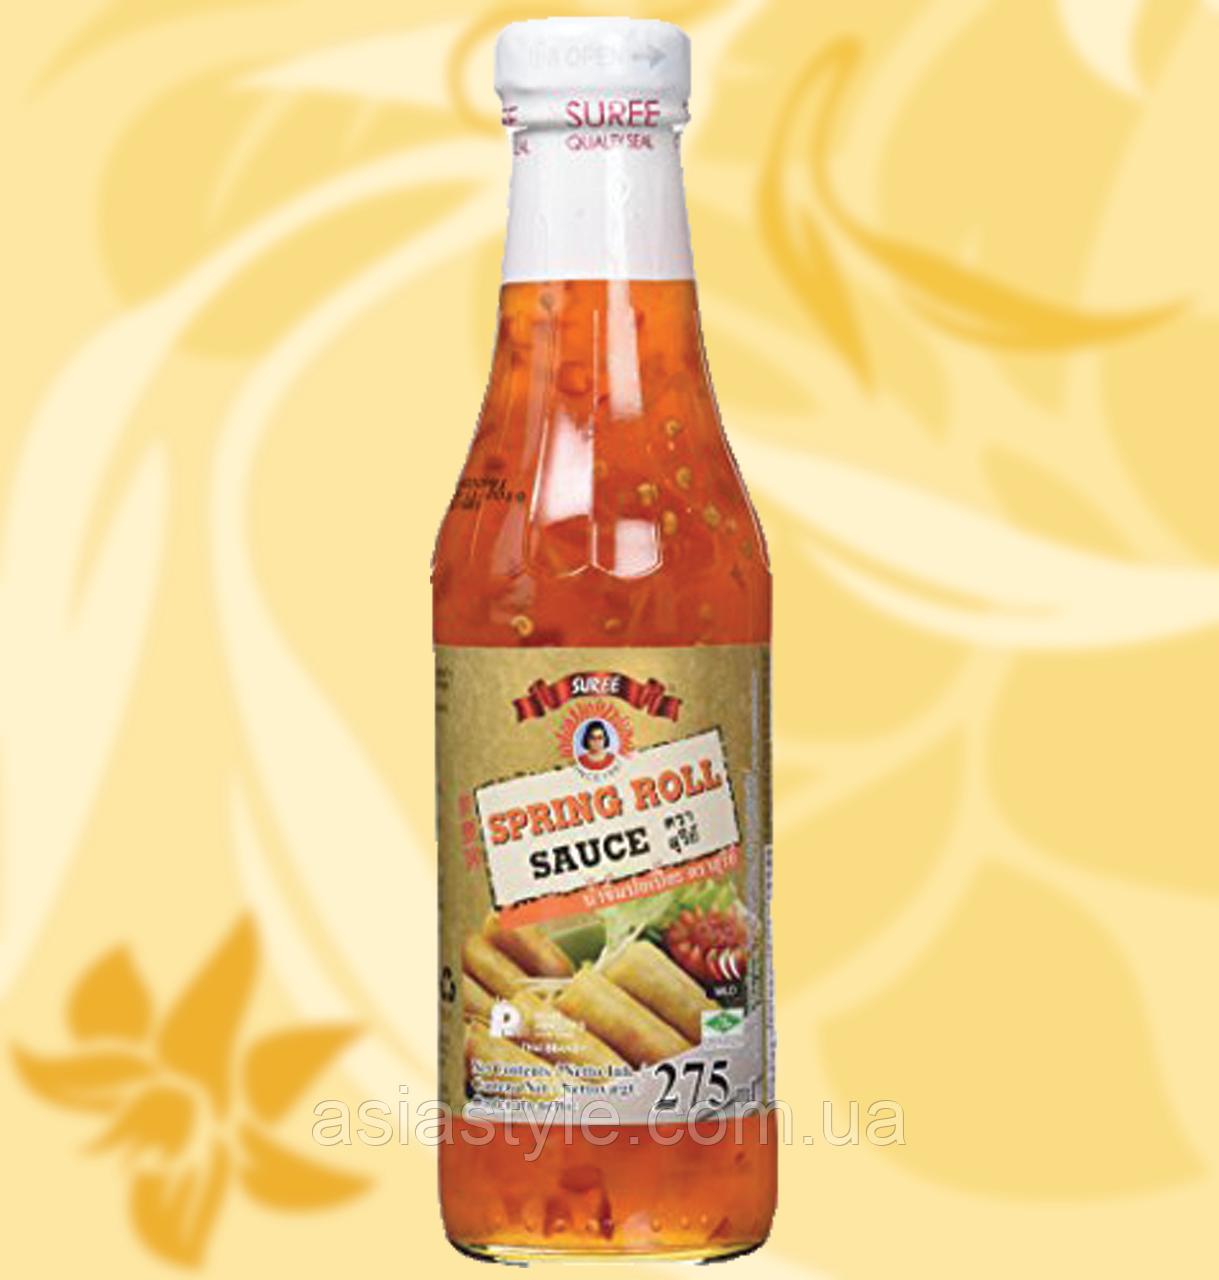 Солодкий чилі соус для спрінг ролів, Suree Brand, Sweet Chili Spring Roll Sauce, 275г, R